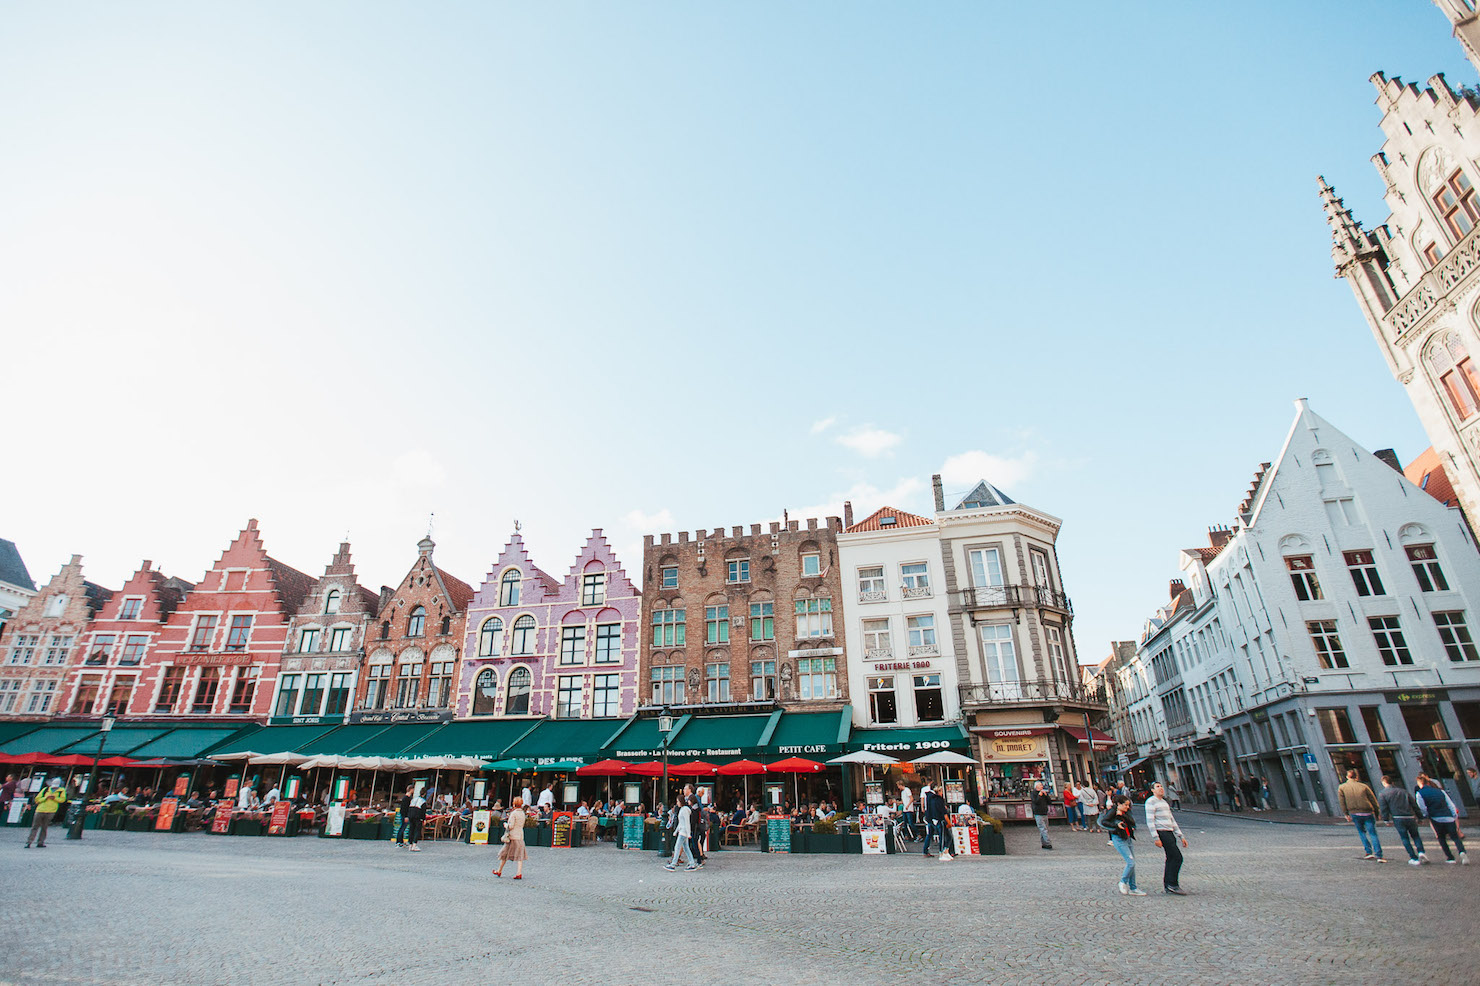 Market Square, Brugge, Belgium